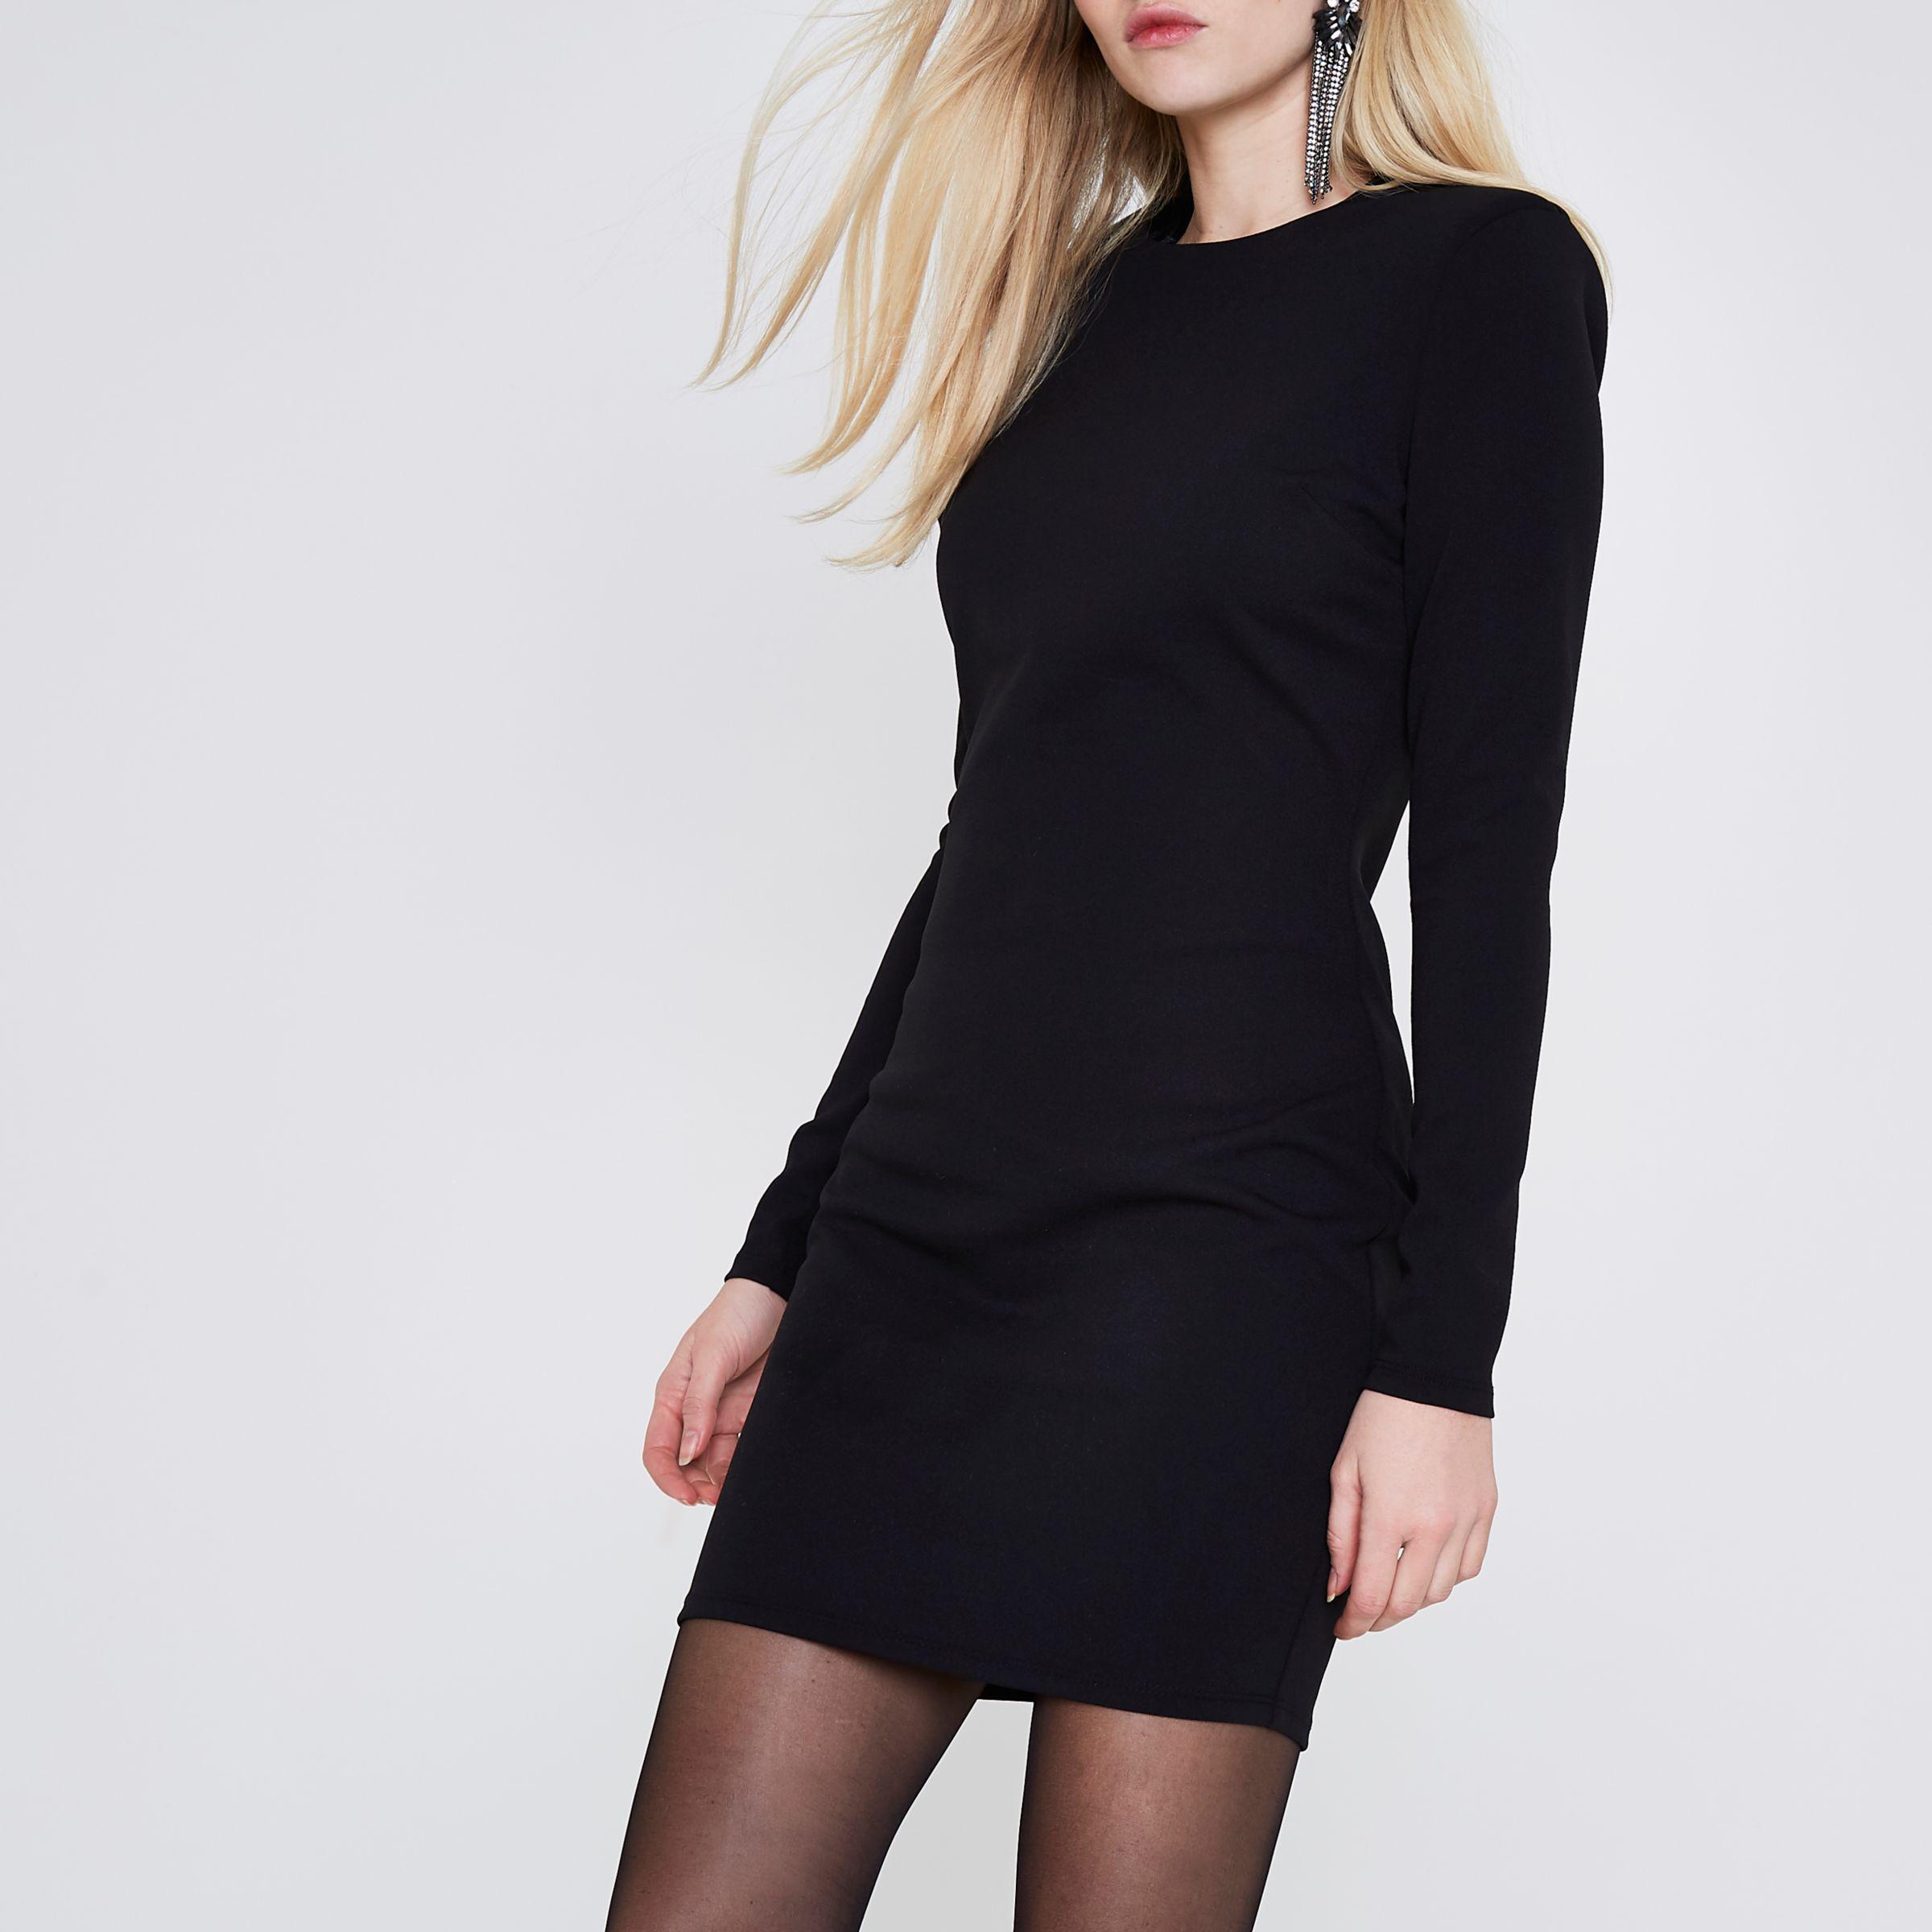 0ce98a8b40e Lyst - River Island Black Shoulder Pad Bodycon Mini Dress in Black